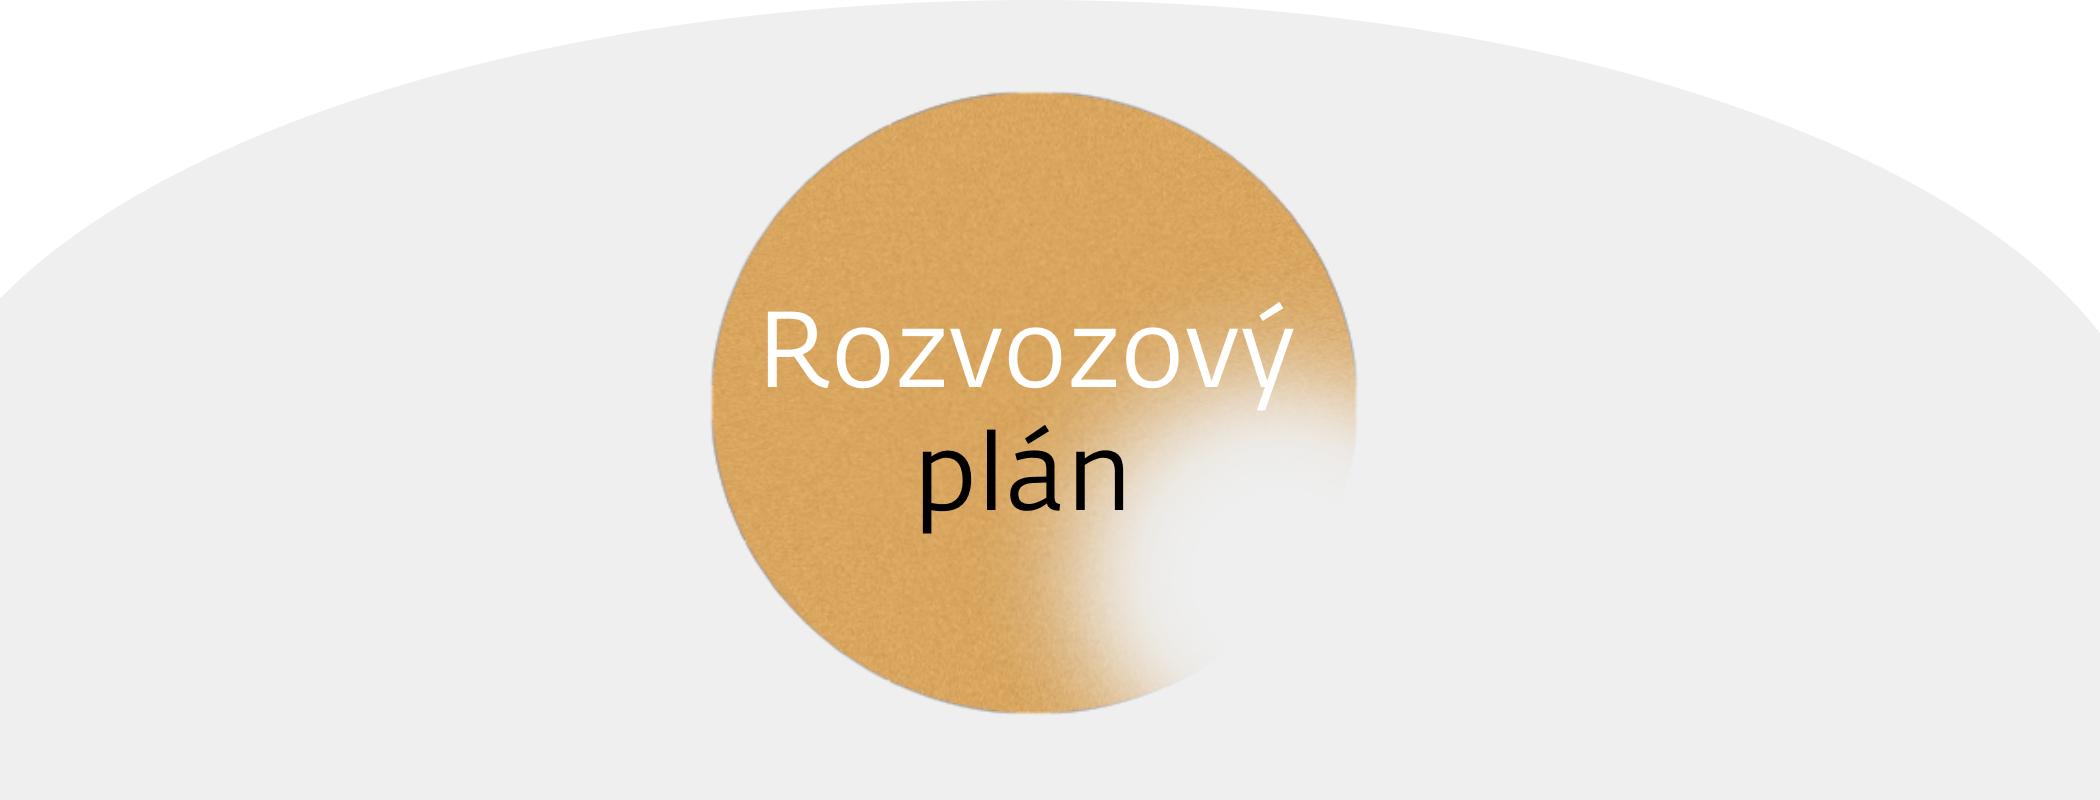 Rozvozový plán